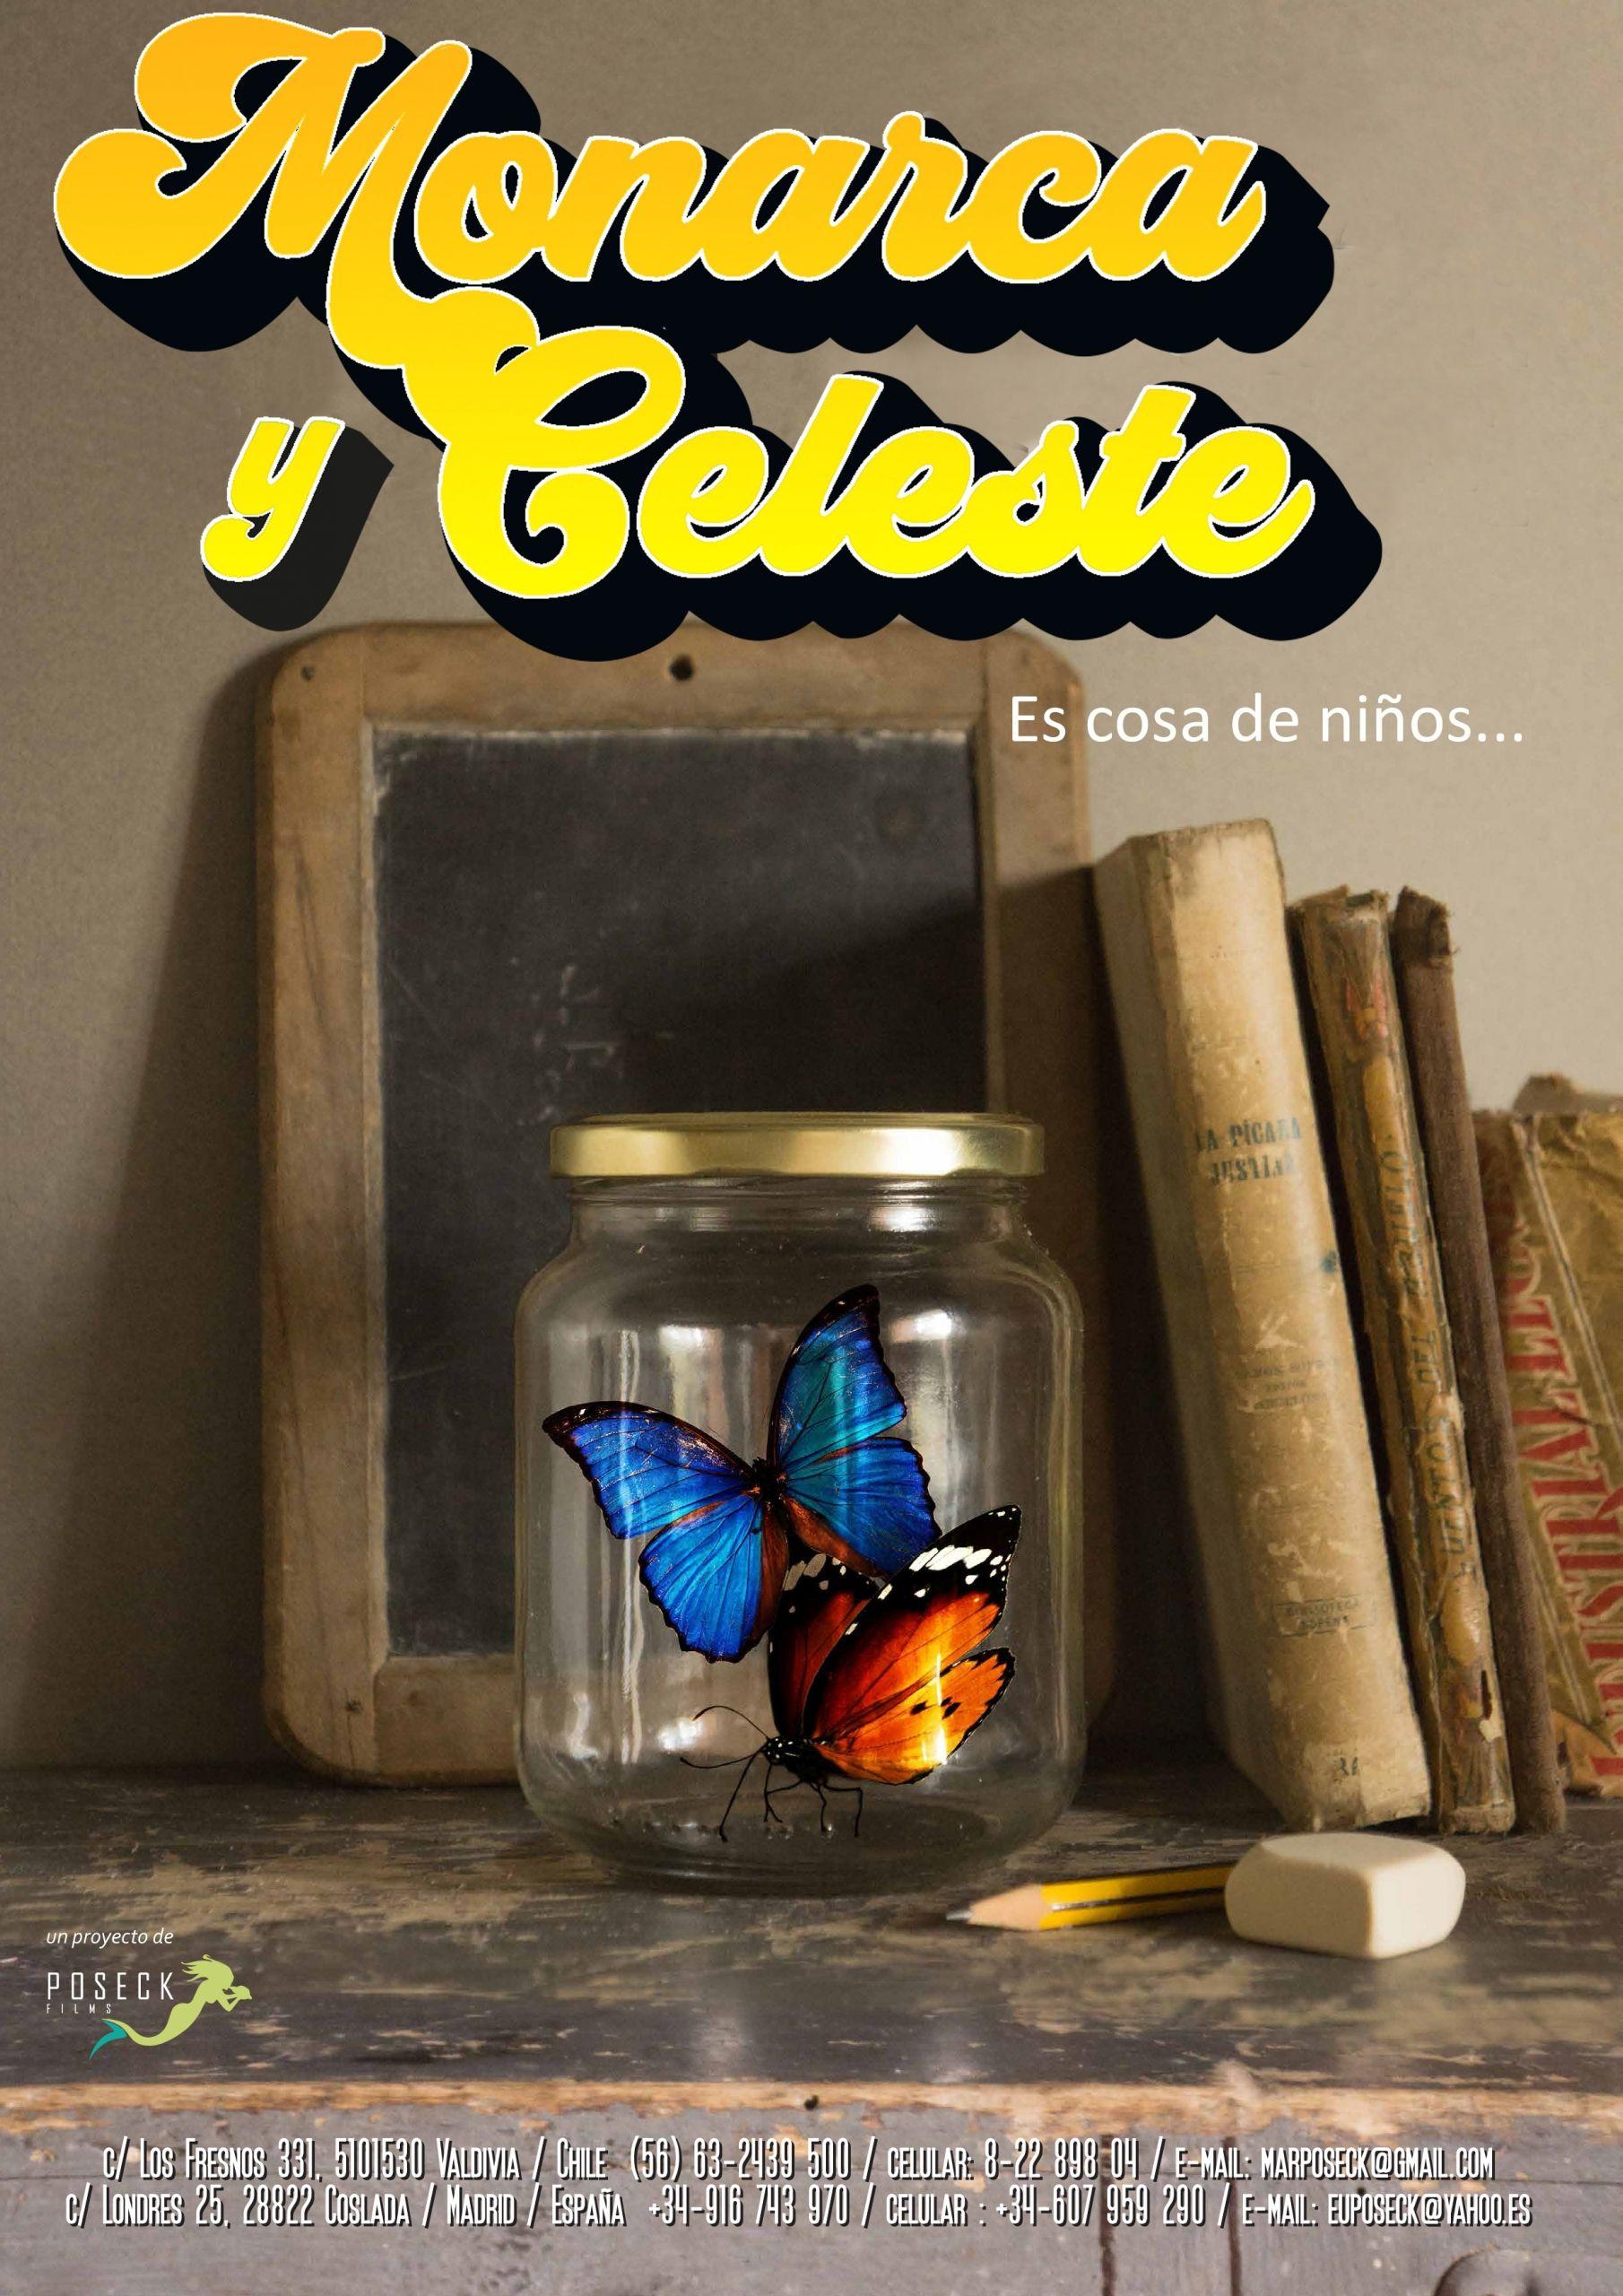 Boceto del cartel de Monarca y Celeste-Poseck Films